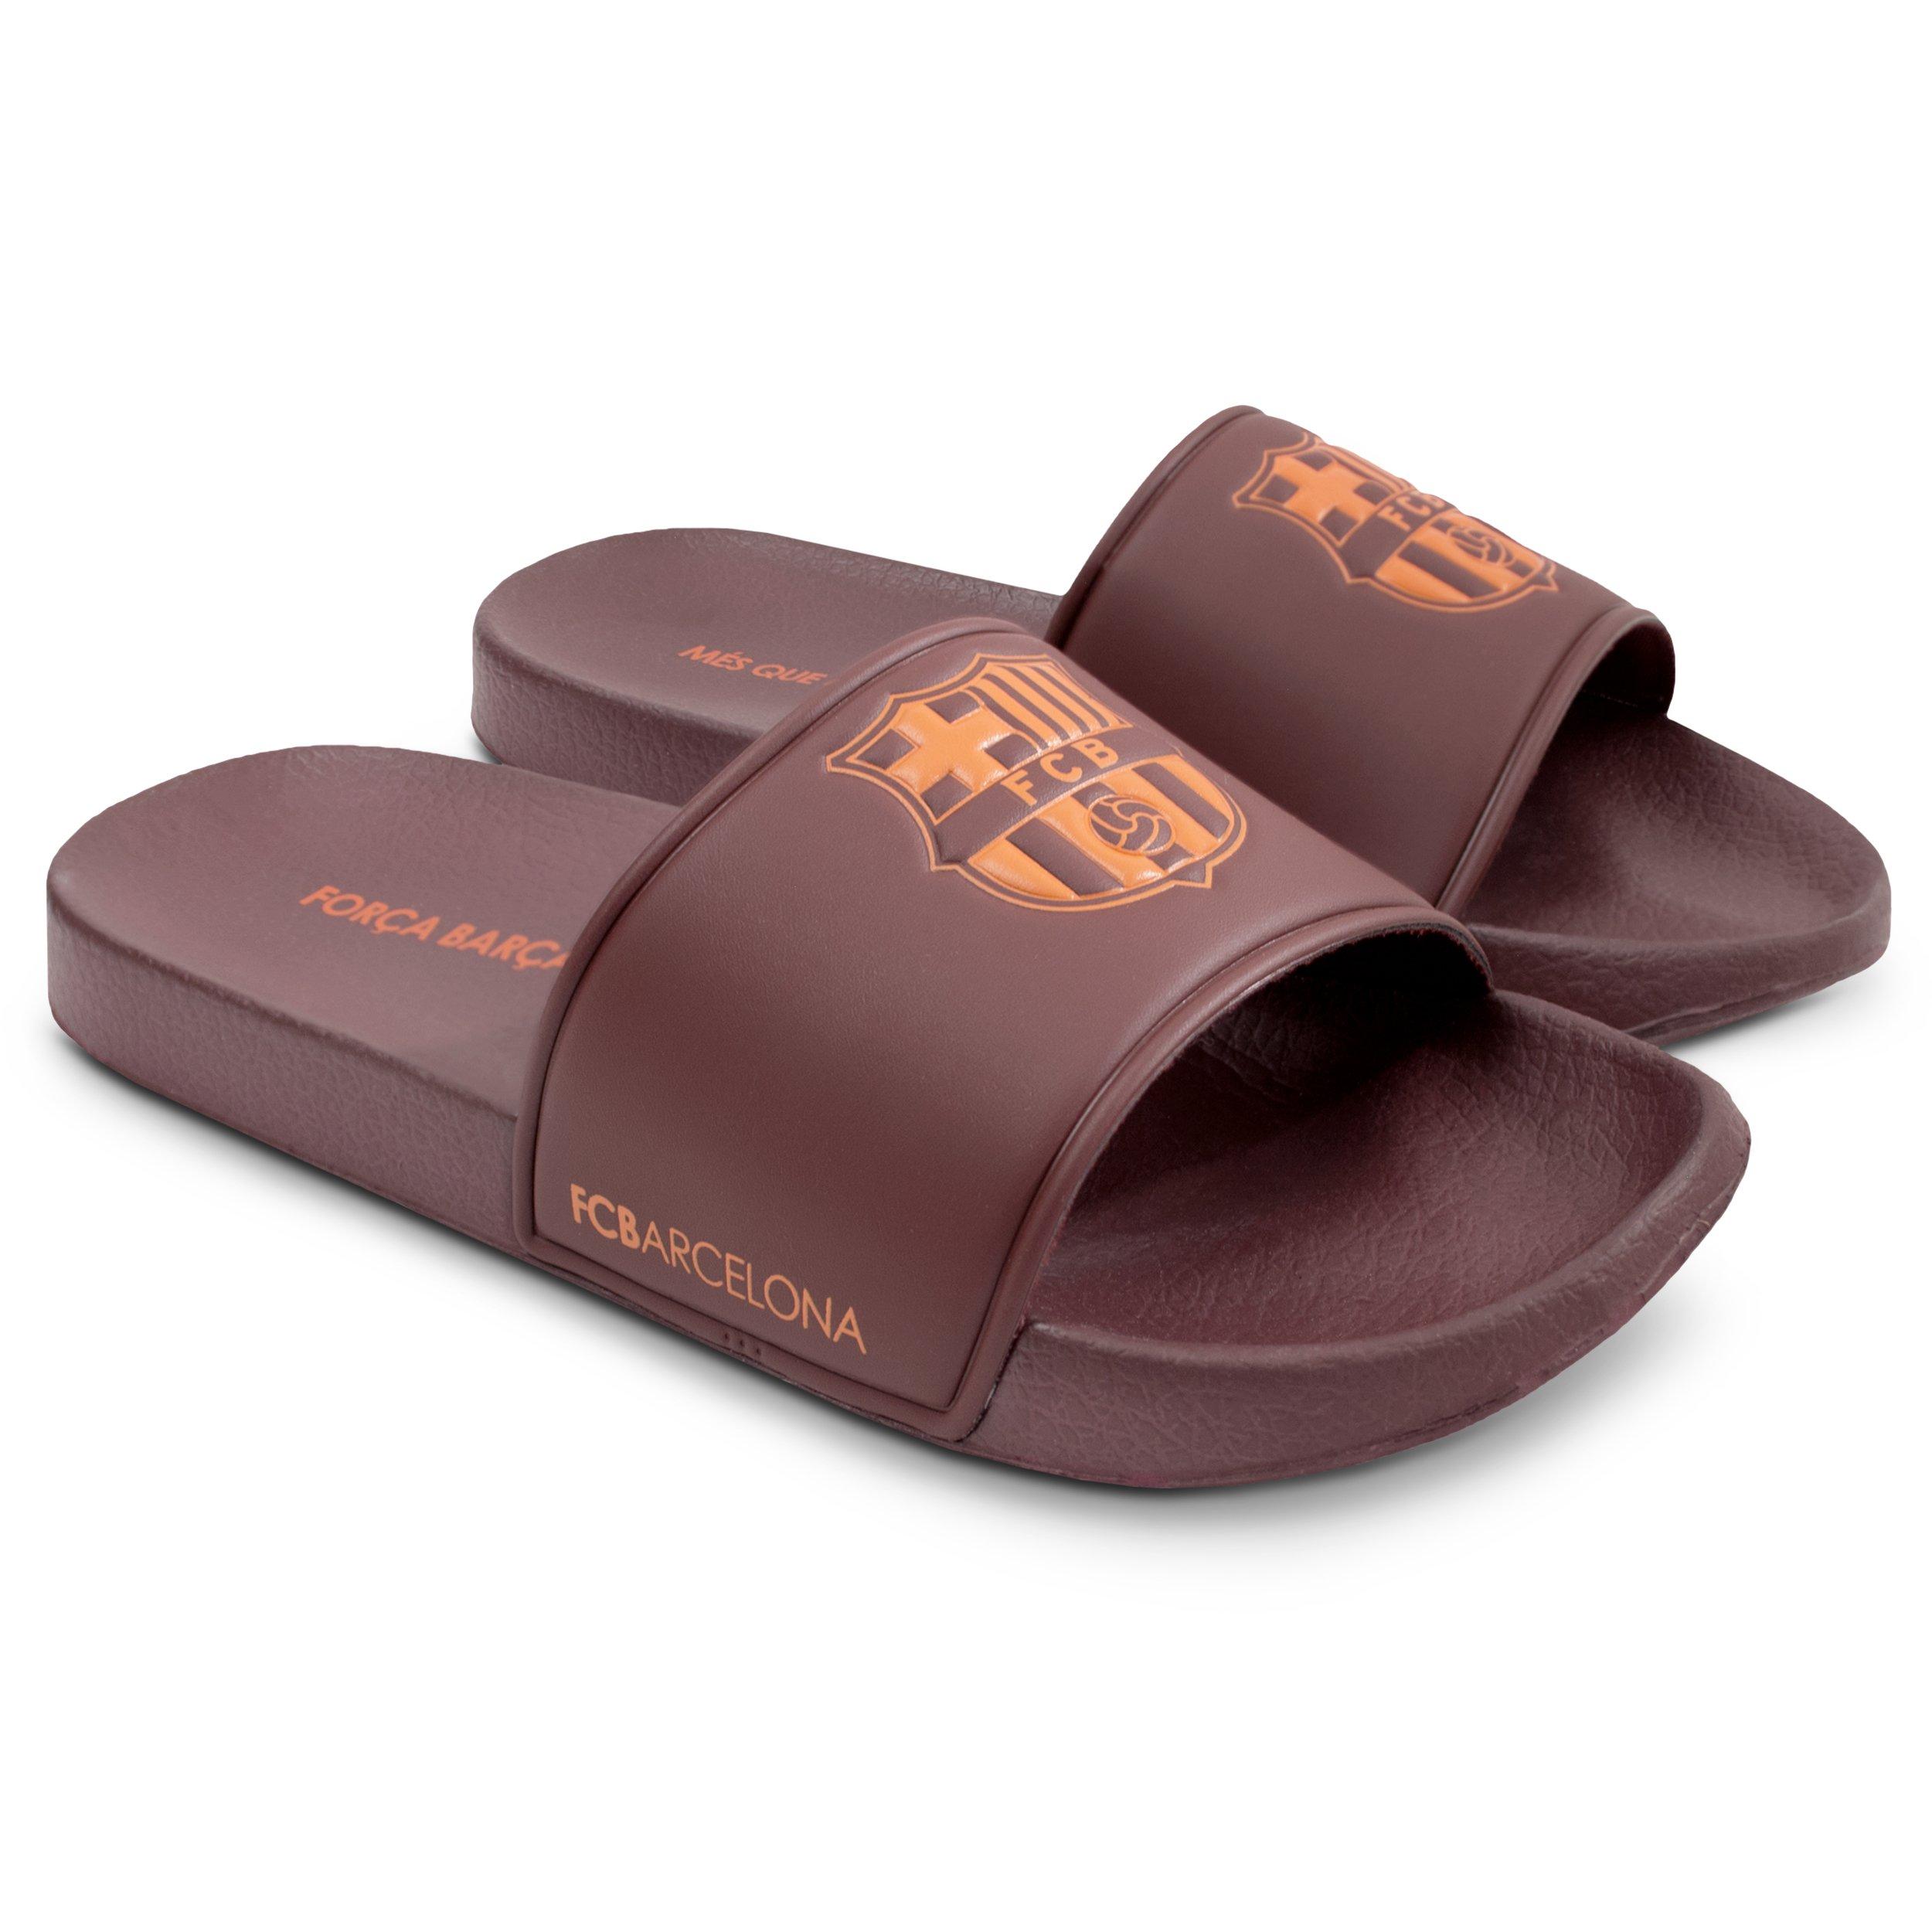 8d9f007ed5801 FC Barcelona Men Pool Slide Sandal – Water-Resistant Slippers for Beach    Shower product